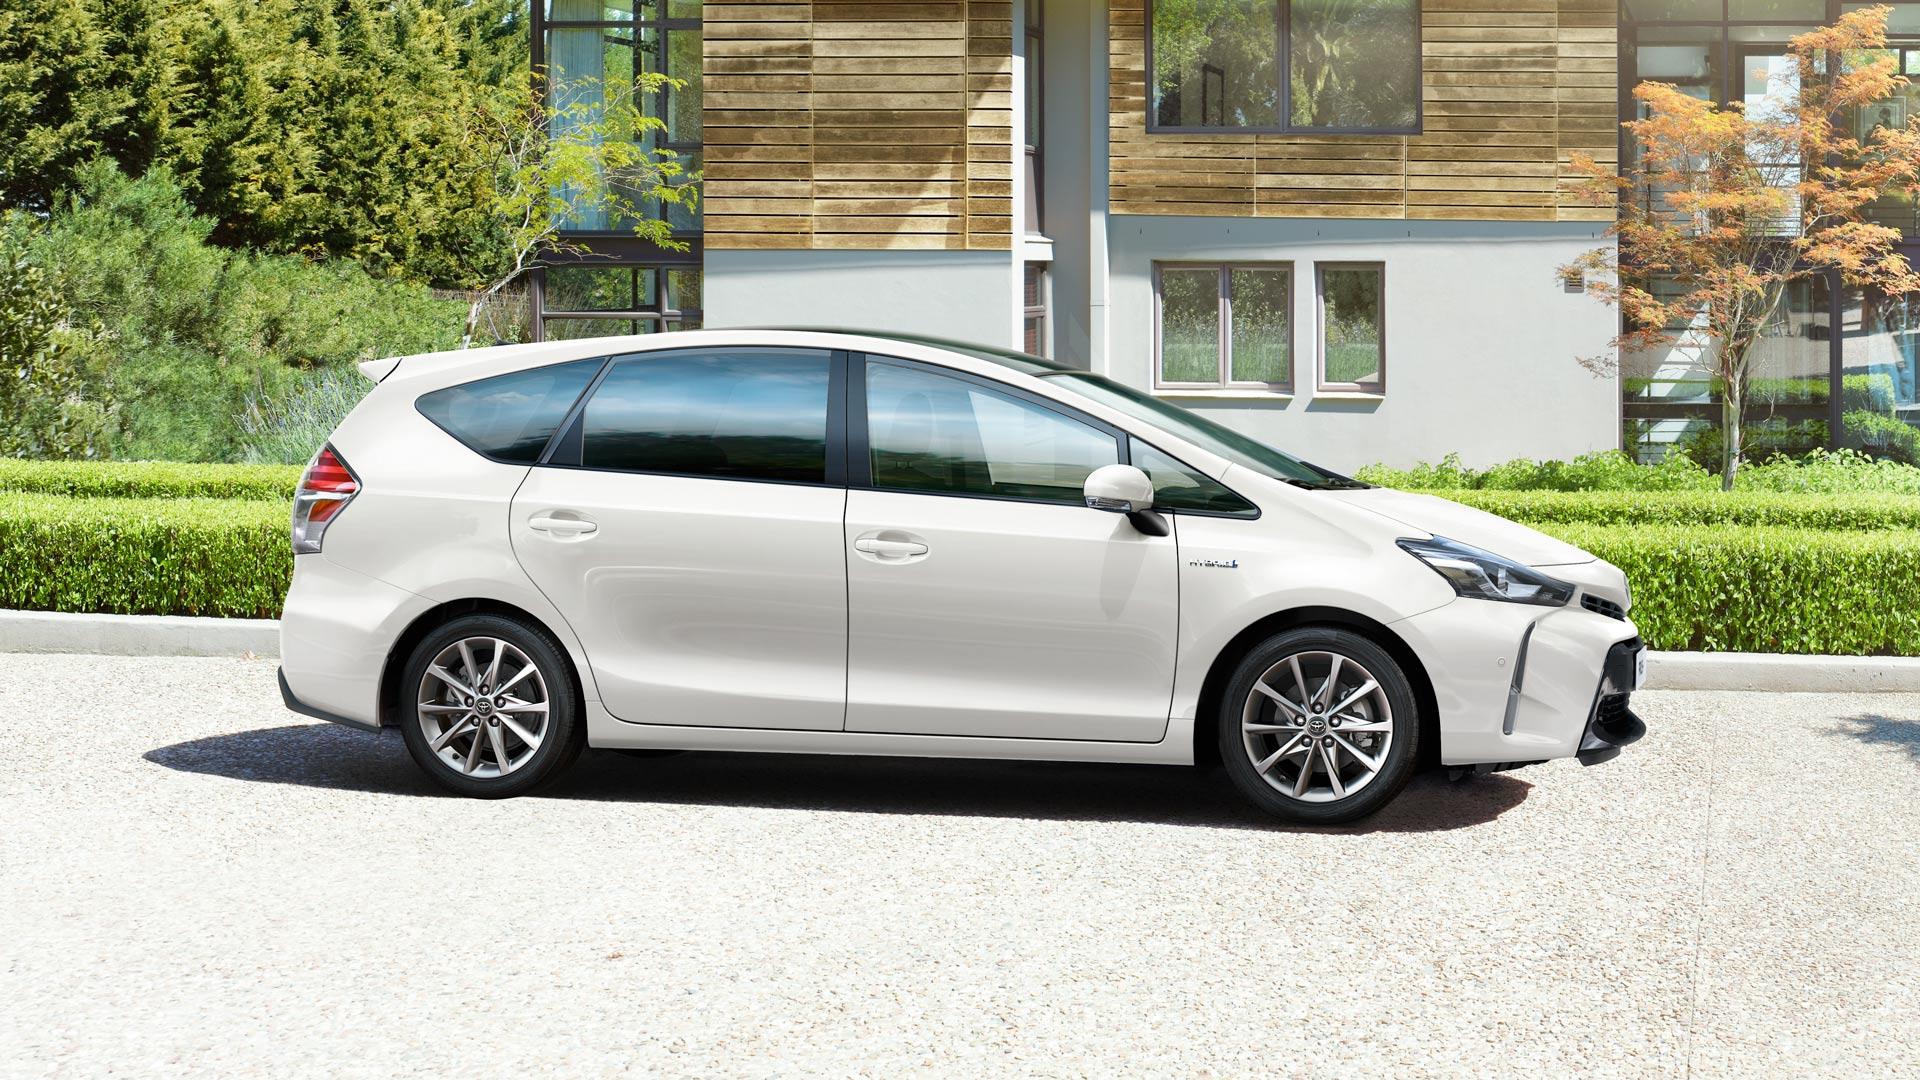 Toyota Prius+ 1.8 Lounge (Benzina Hybrid) - Dimensioni, Consumi e Dotazioni di serie